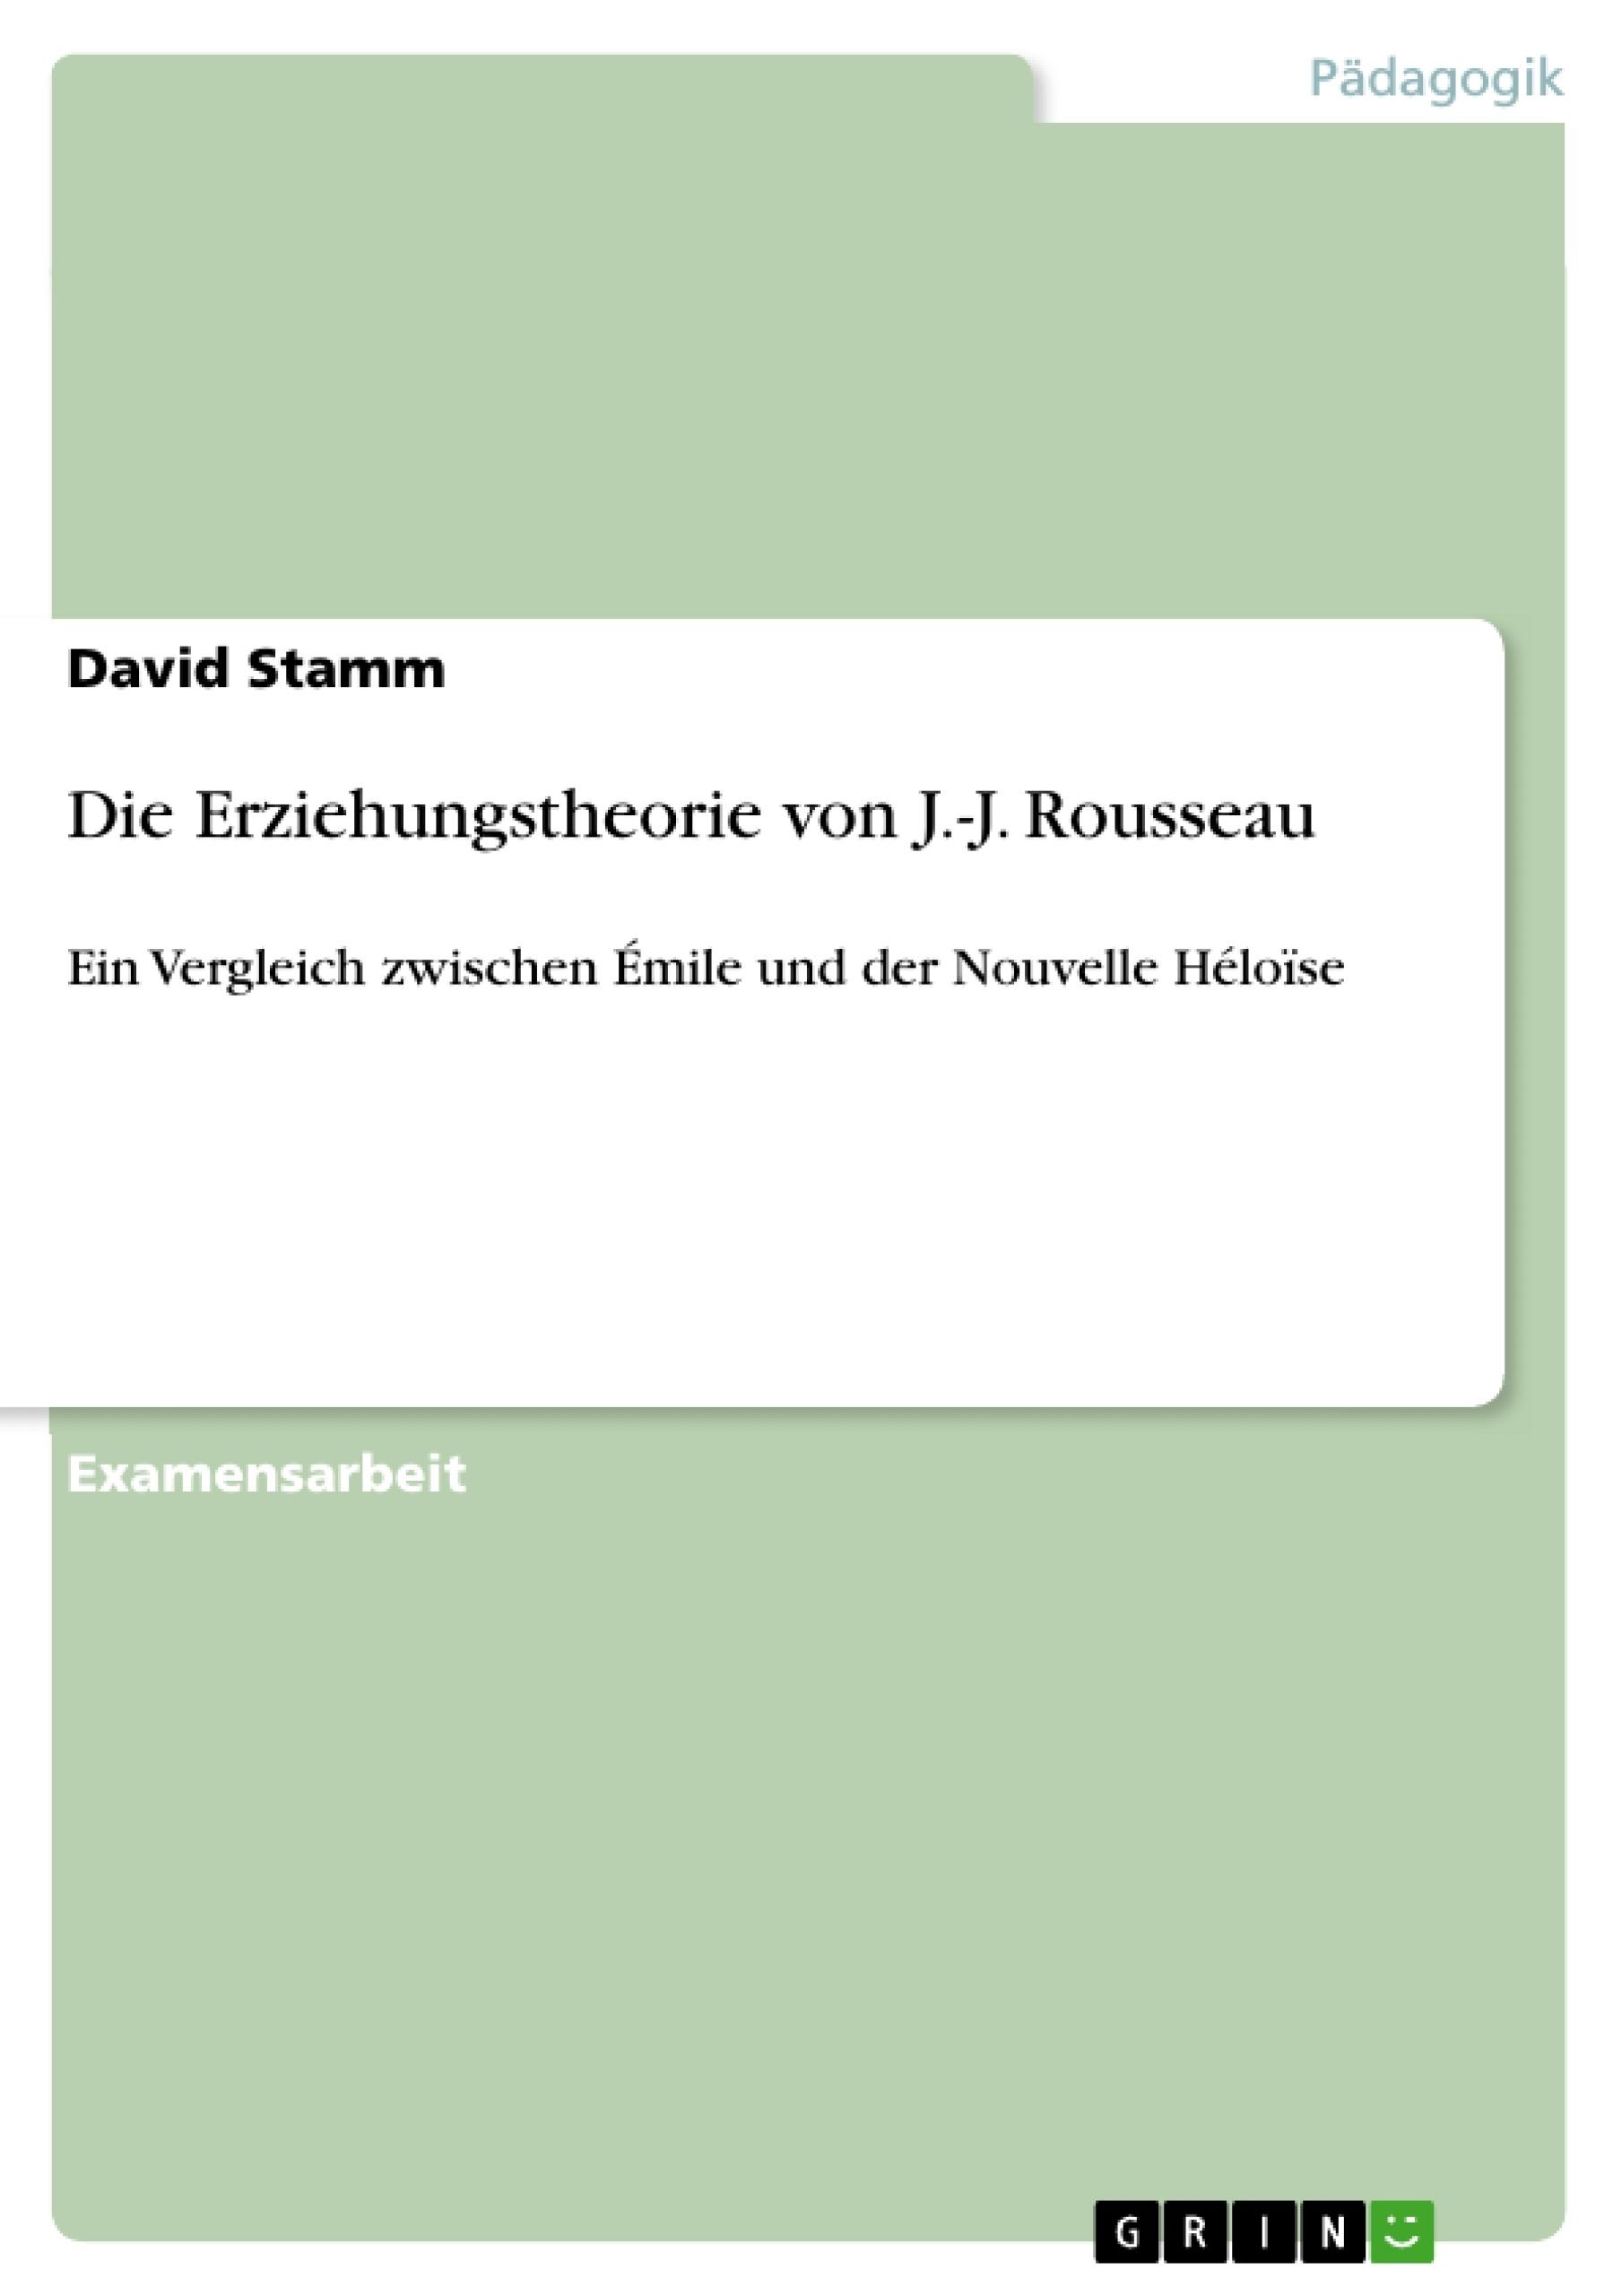 Titel: Die Erziehungstheorie von J.-J. Rousseau